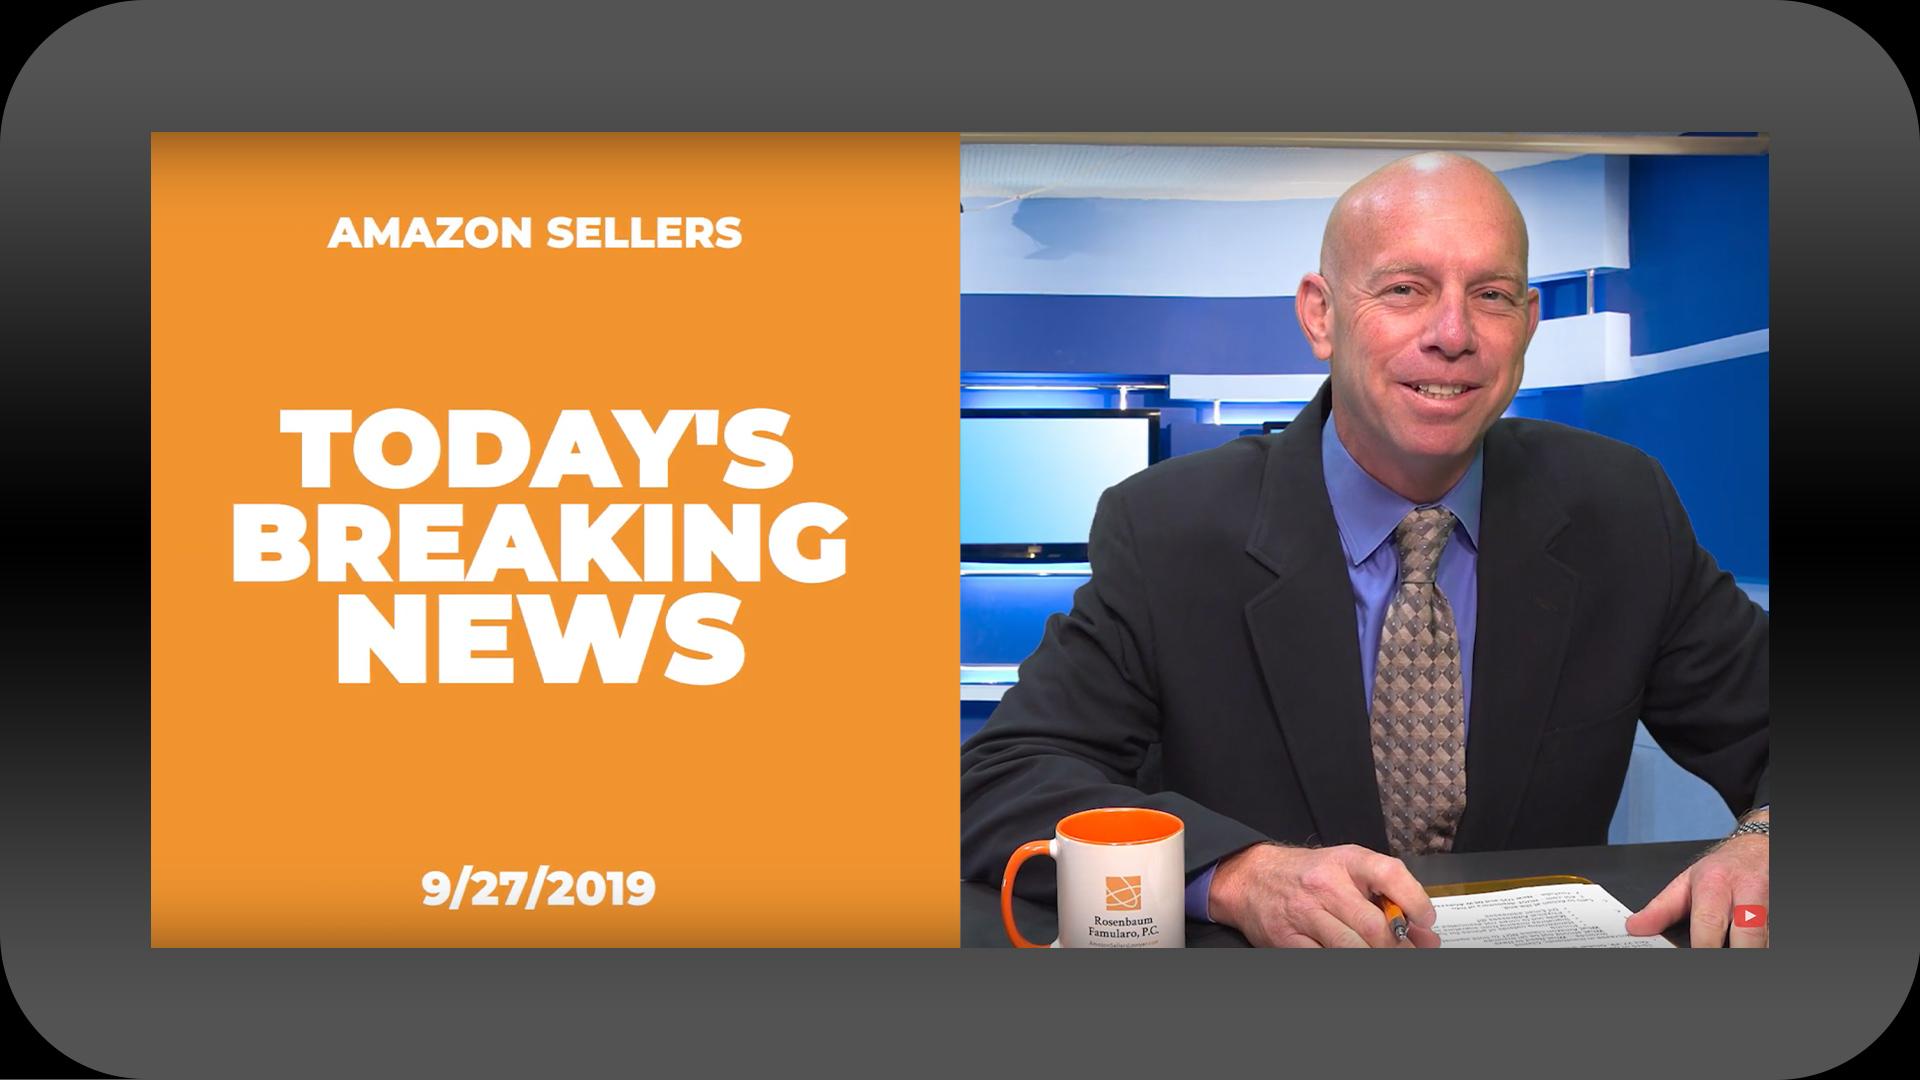 Amazon Sellers News 9-27-19